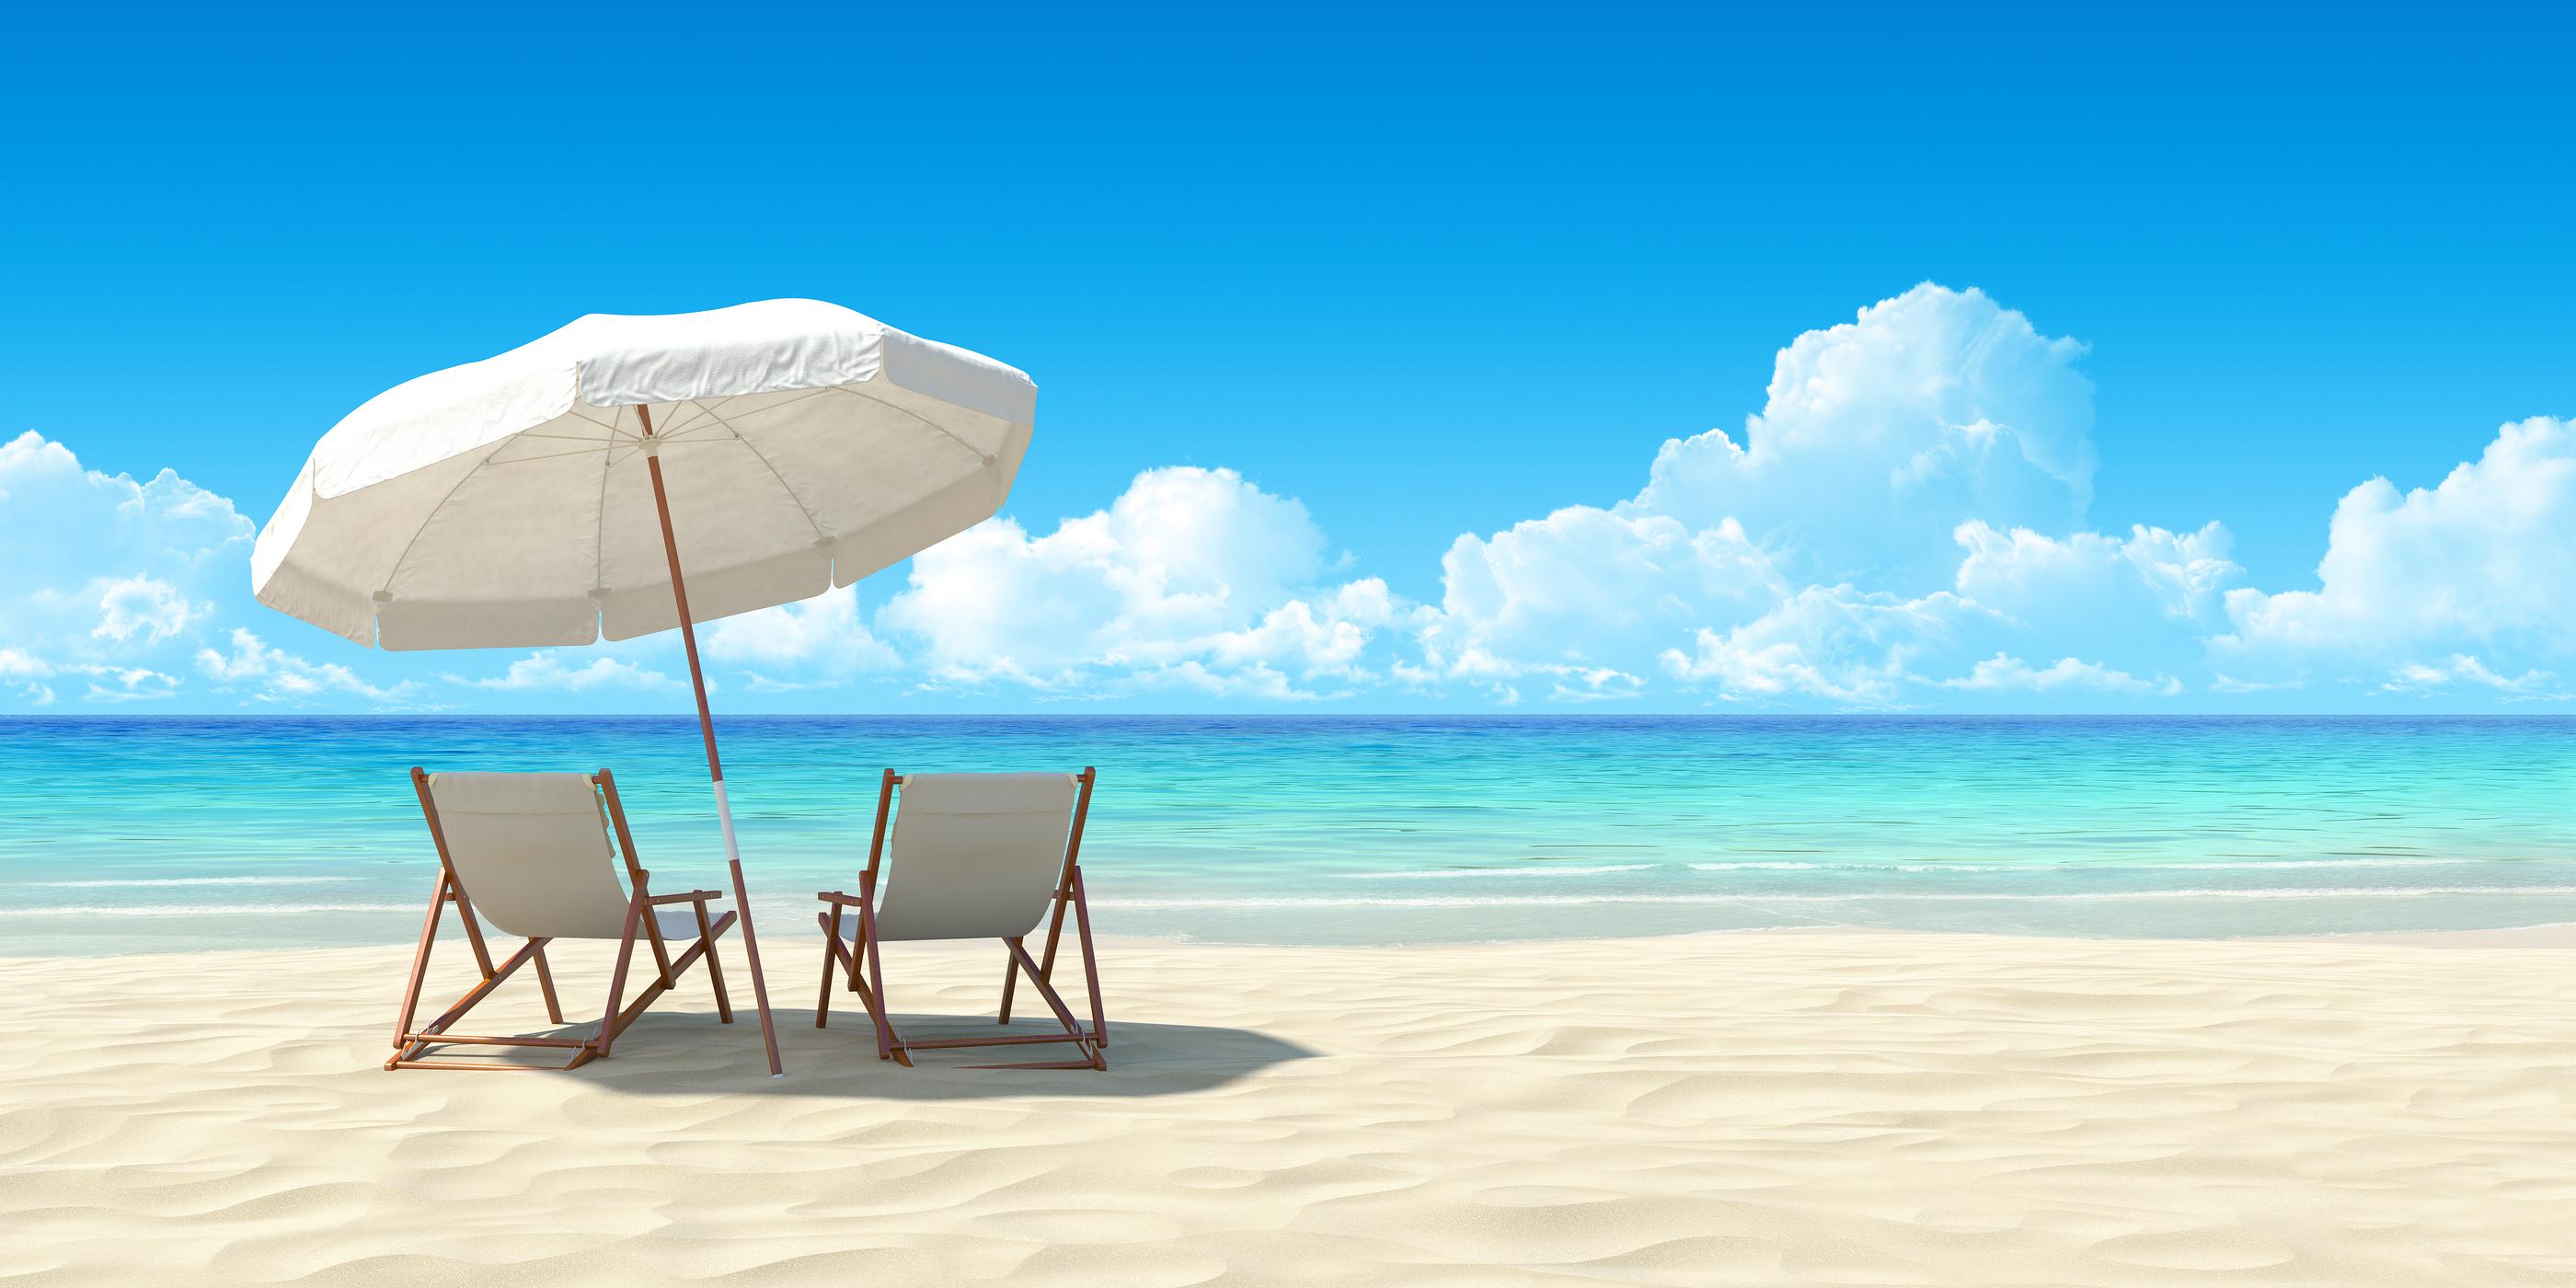 Wij zijn met vakantie! - Ritchie Solutions